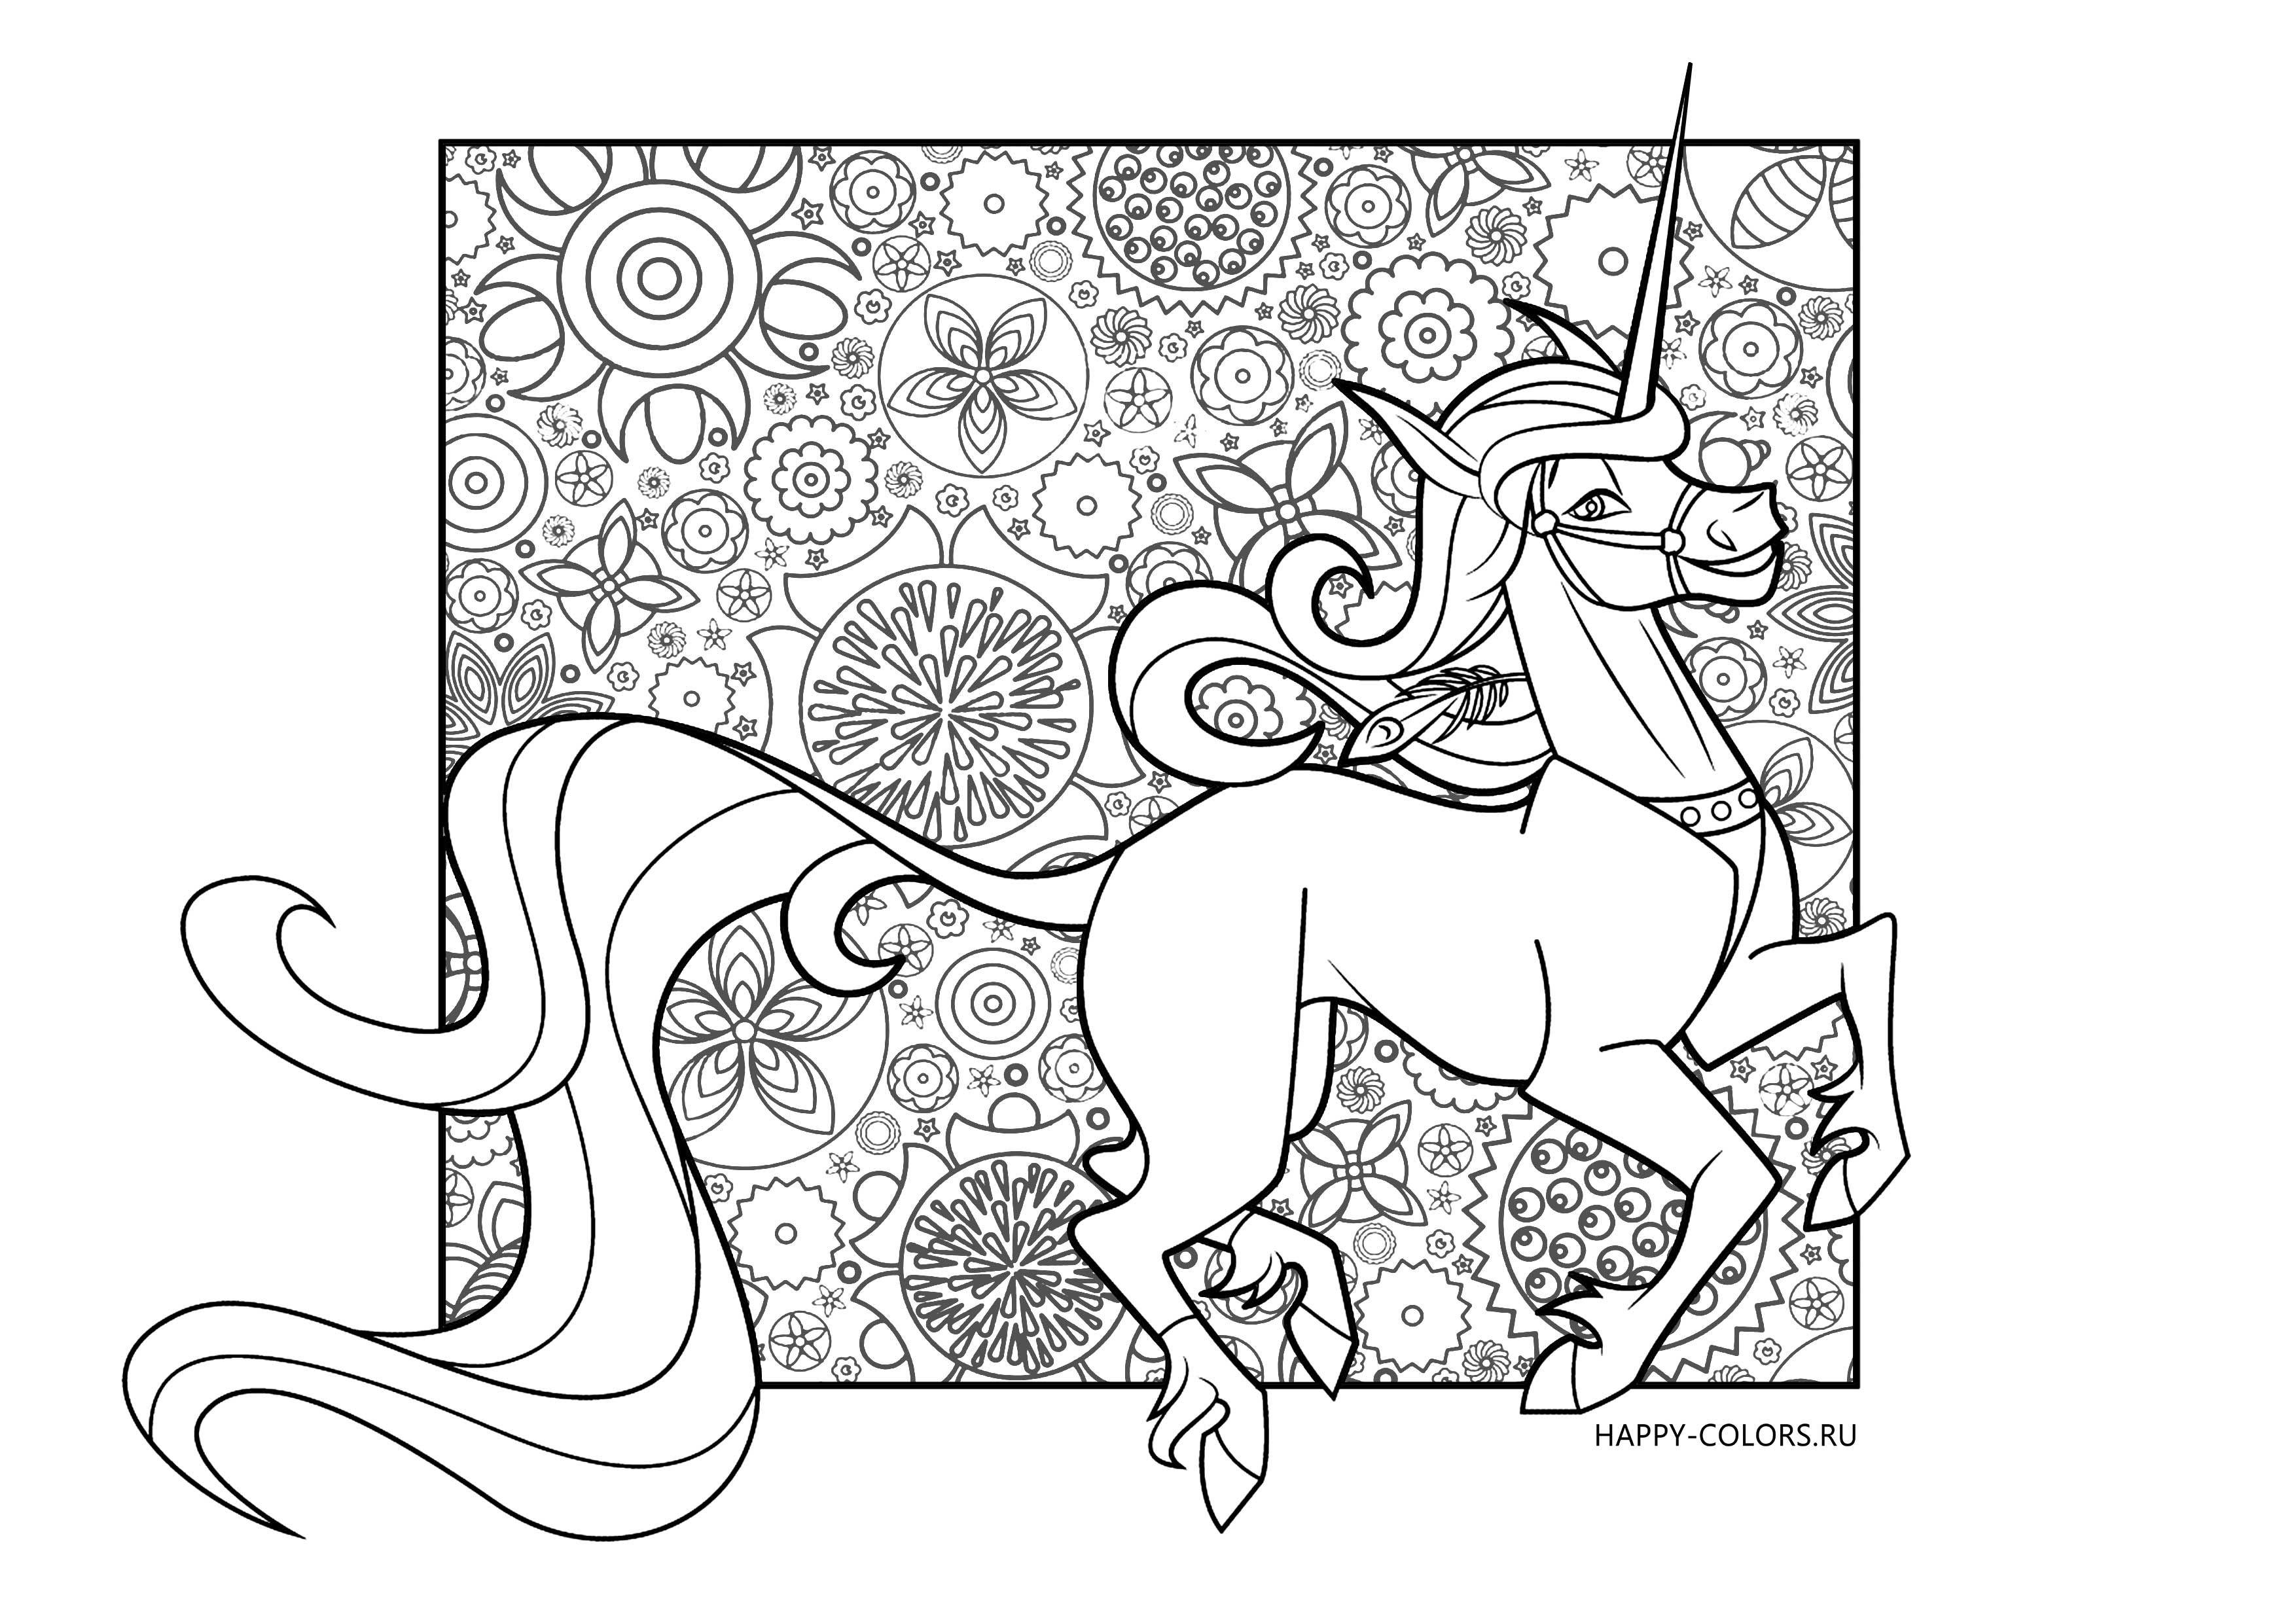 Раскраски Милые Единороги в 2020 г | Раскраски, Каваи, Детские